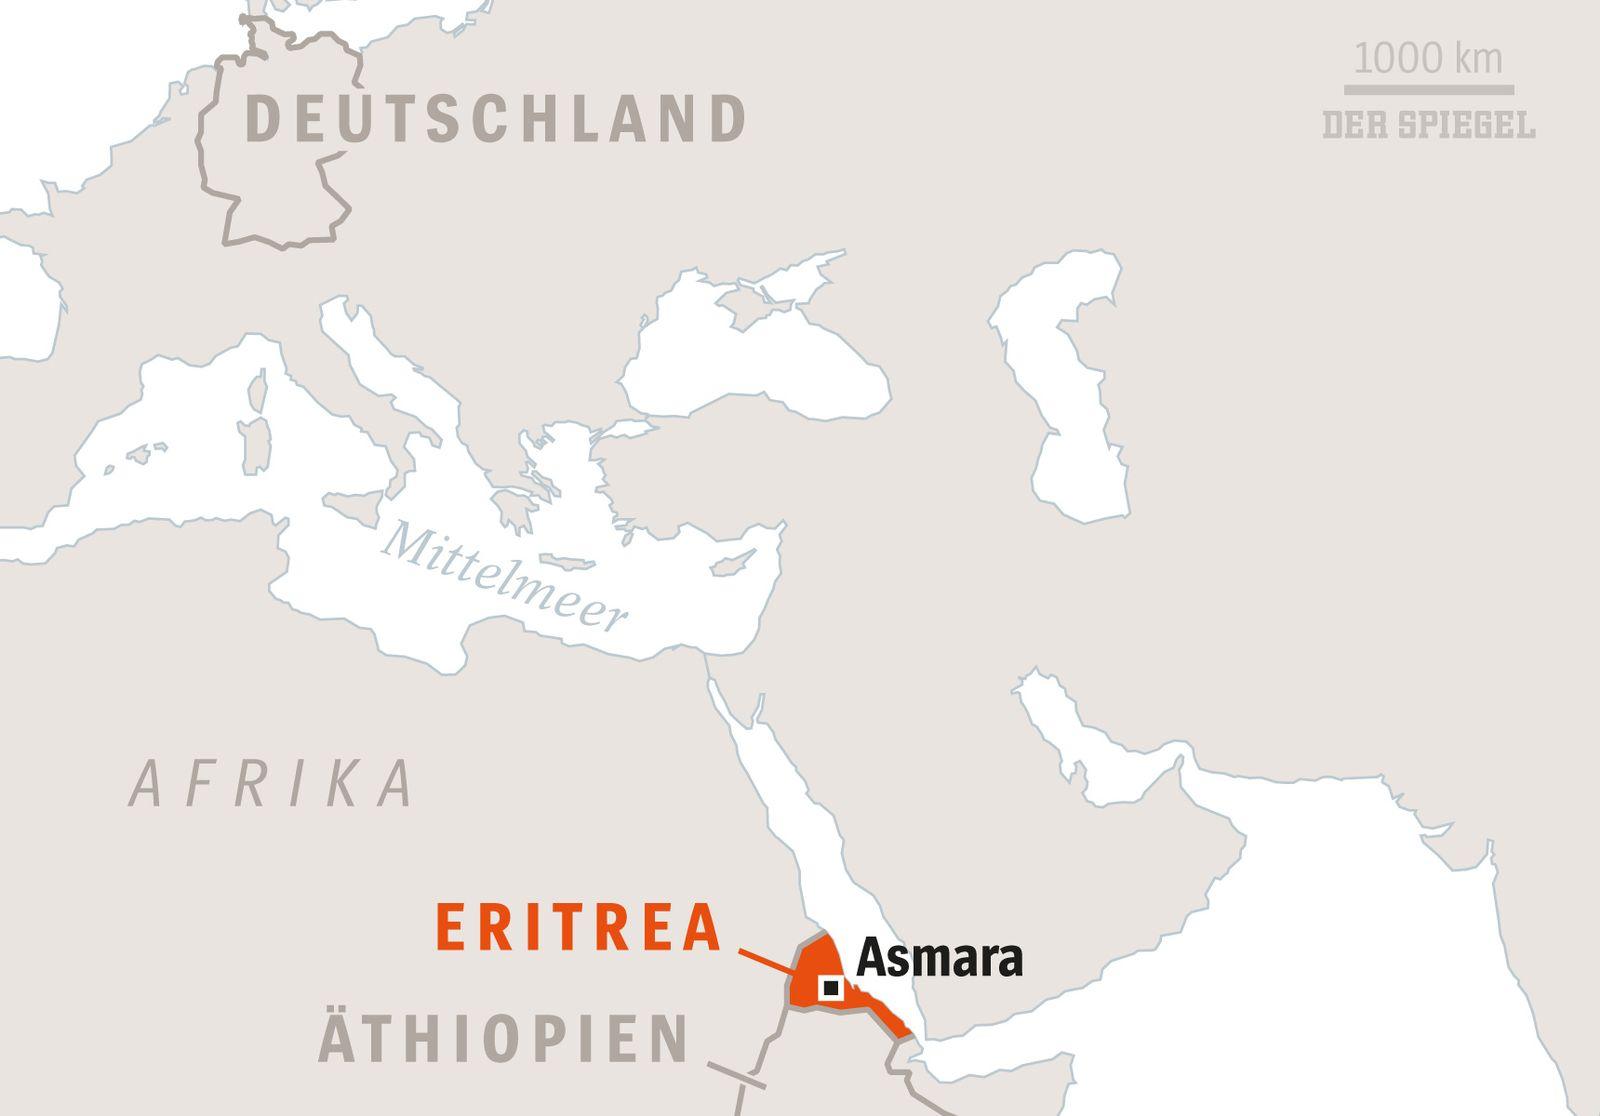 SPIEGEL Plus SP 2017/44 S.88 Lage in Eritrea